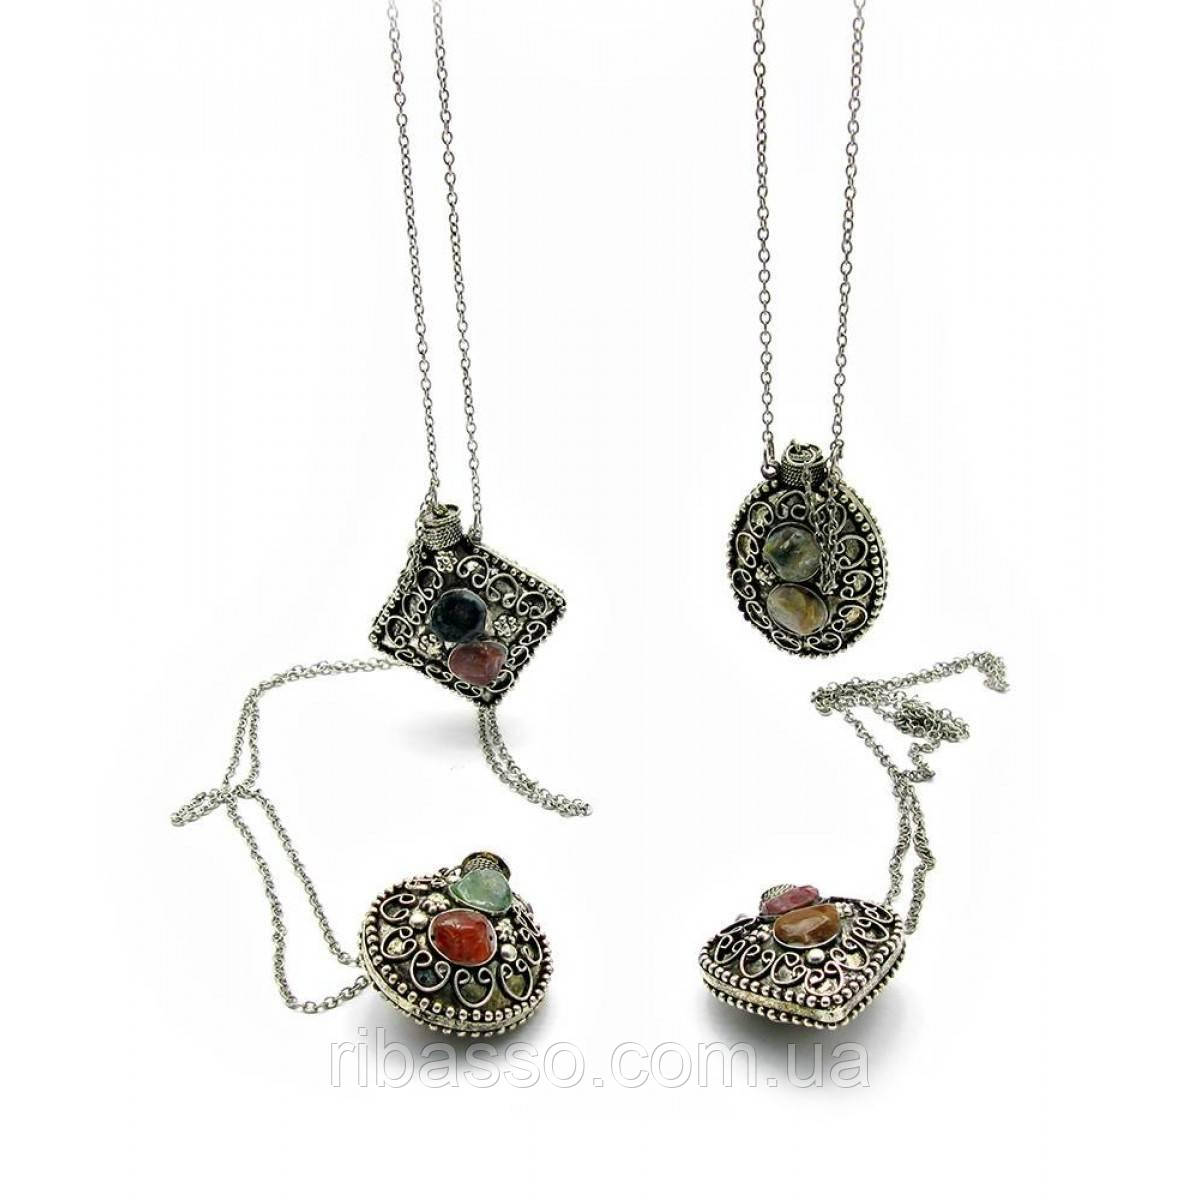 Аромакулон бронзовый с камнями 5х4,5х2 см 21815